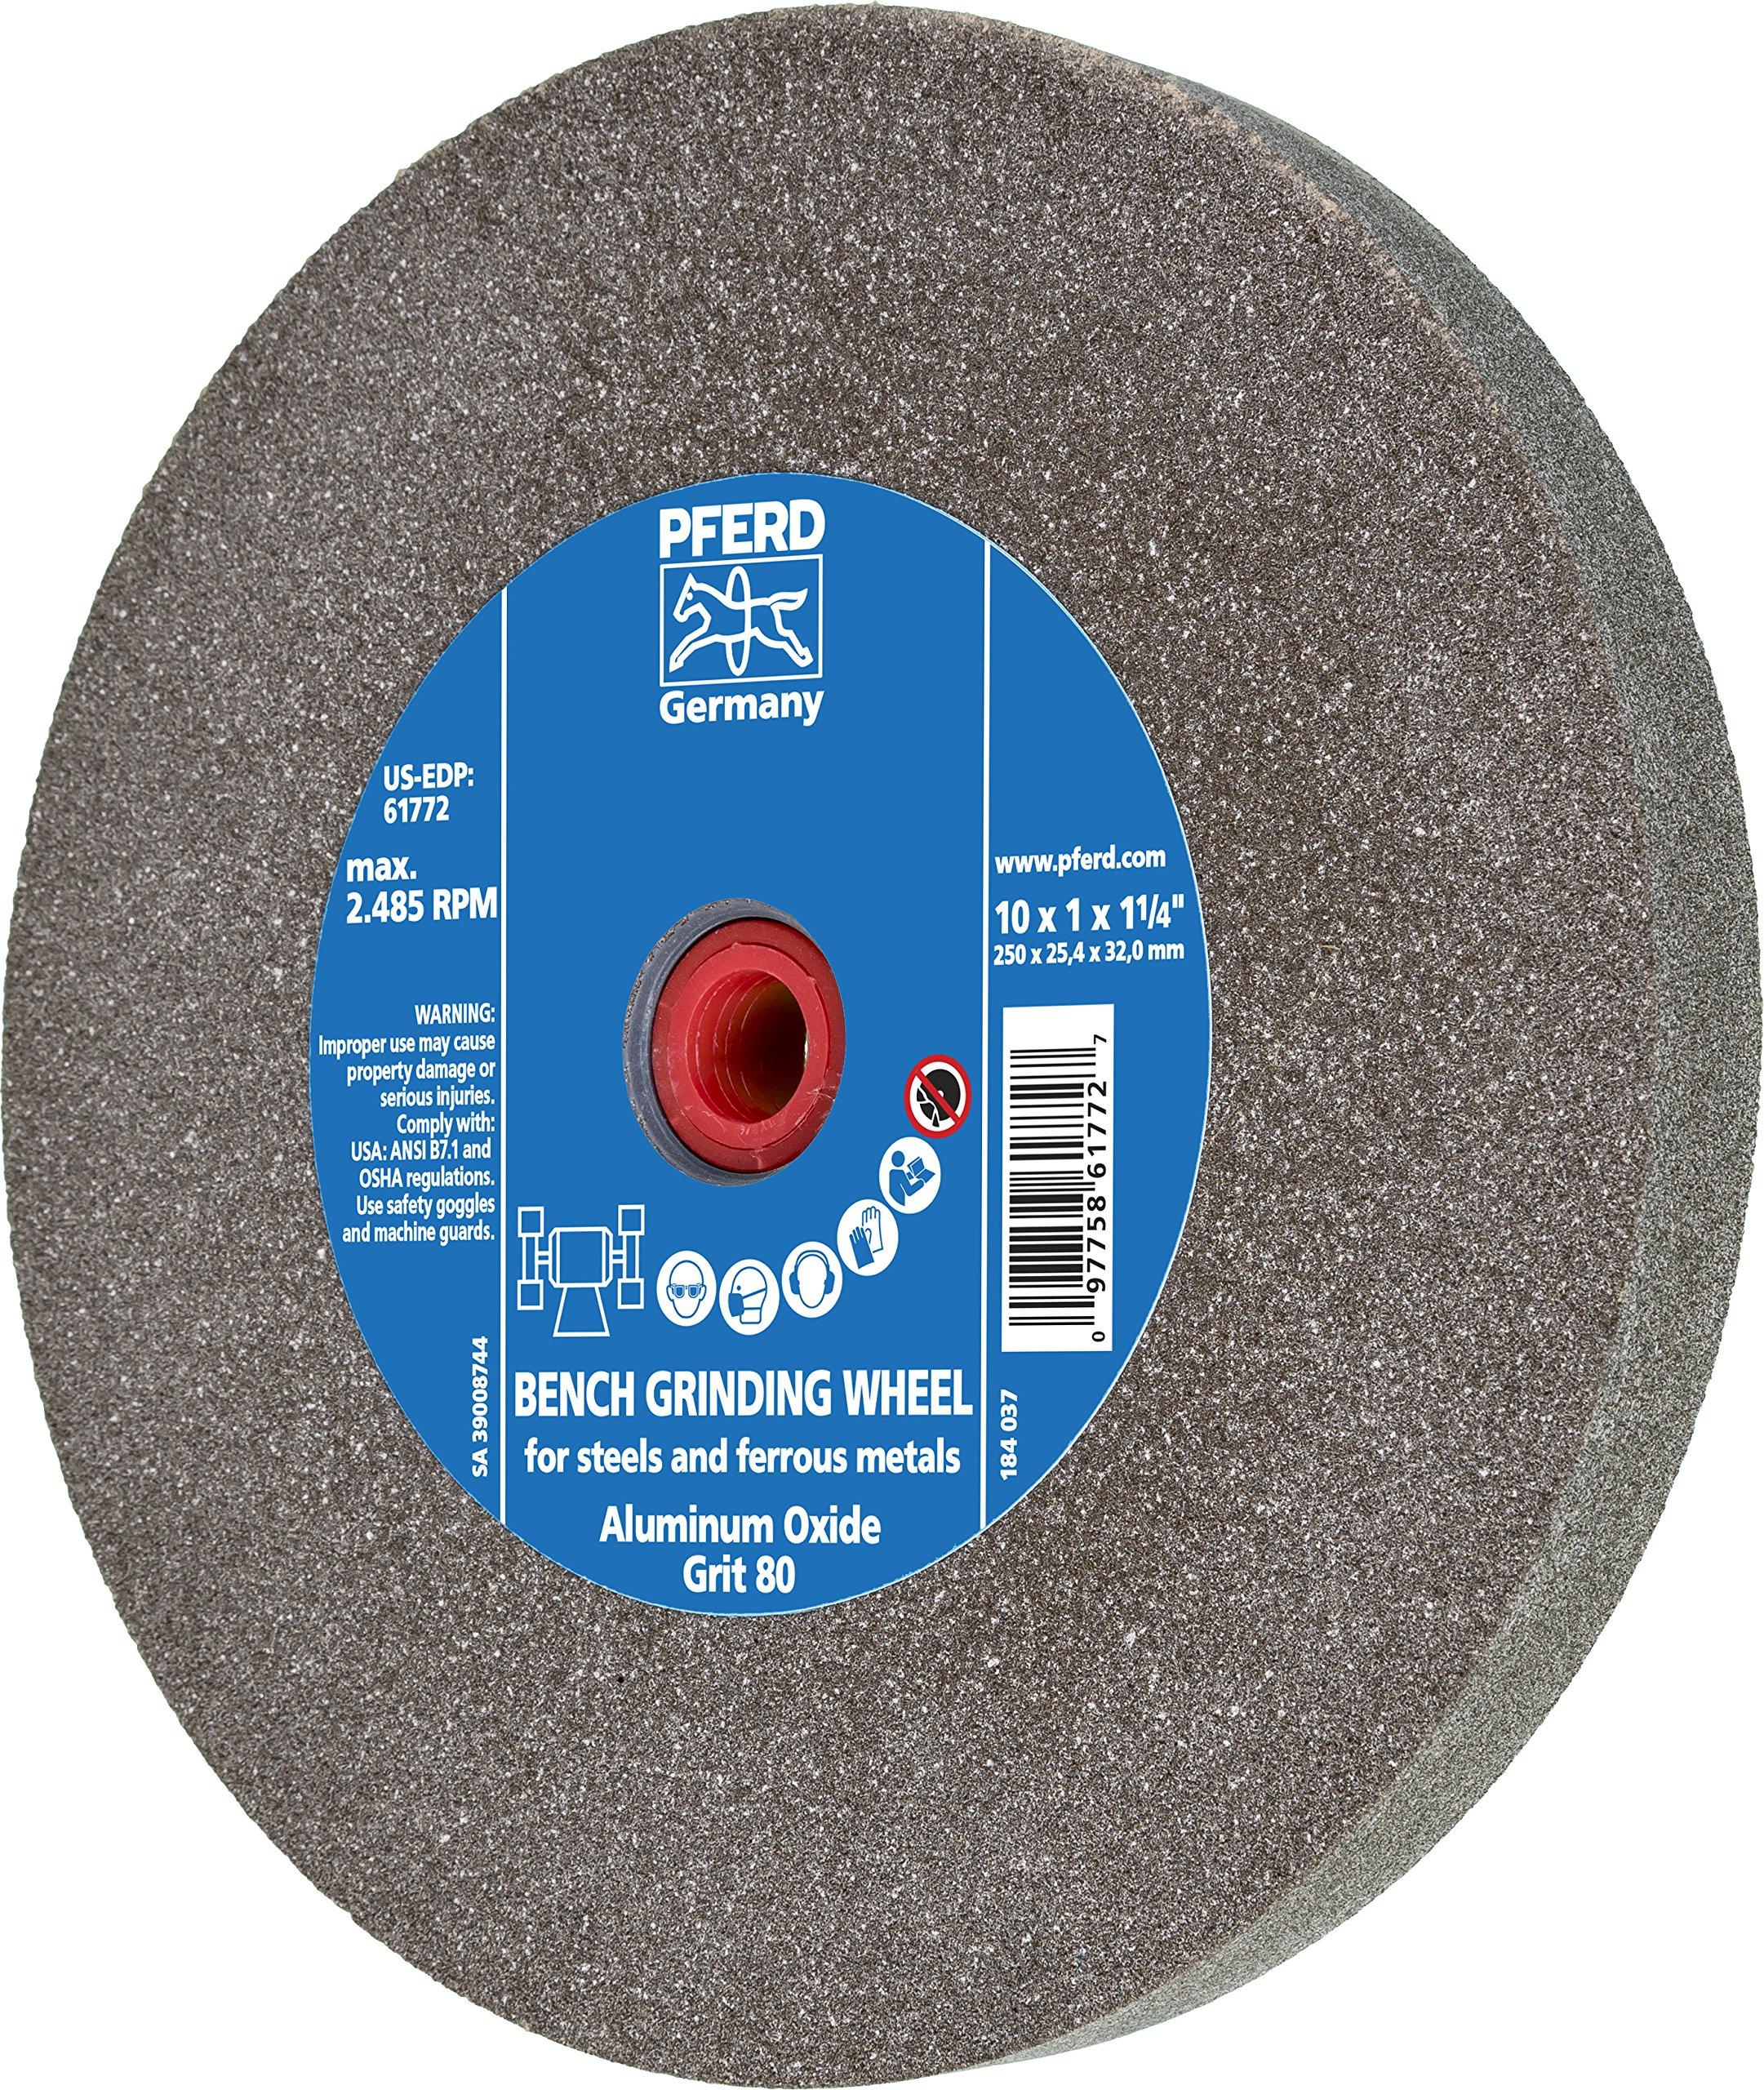 PFERD 61772 Bench Grinding Wheel, Aluminum Oxide, 10'' Diameter, 1'' Thick, 1-1/4'' Arbor Hole, 80 Grit, 2485 Maximum RPM